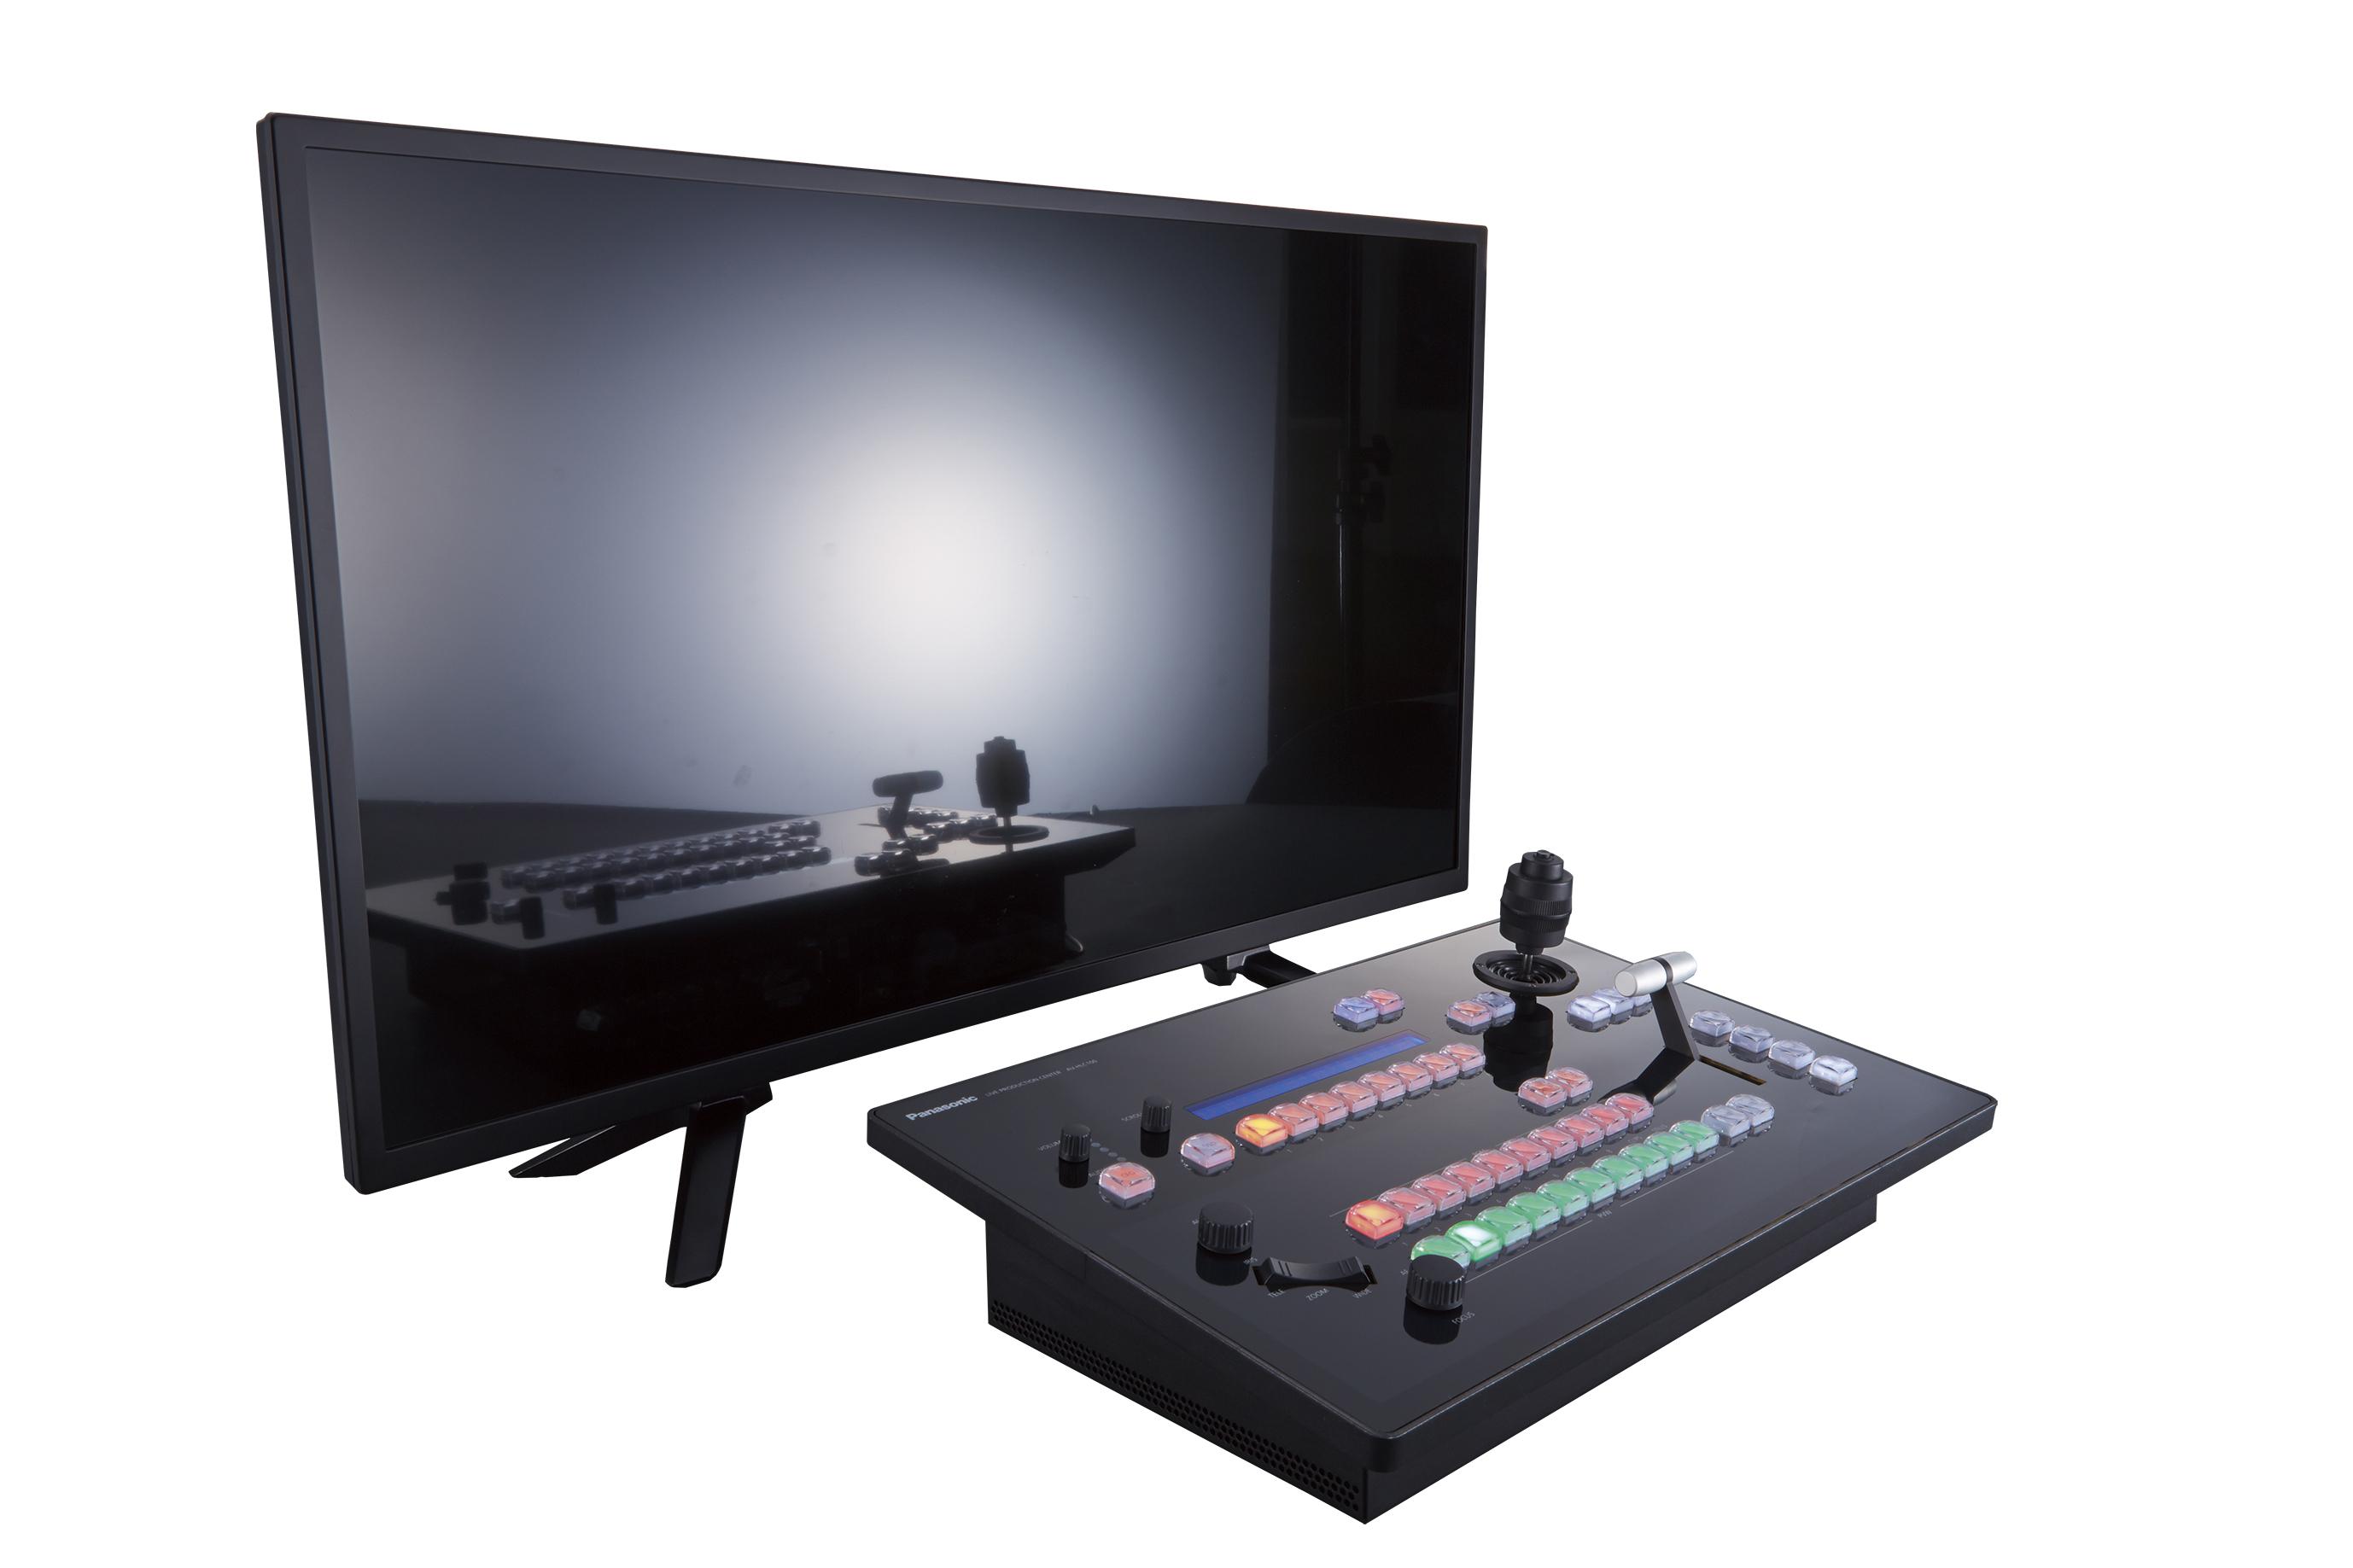 Центр потокового вещания AV-HLC100E от Panasonic